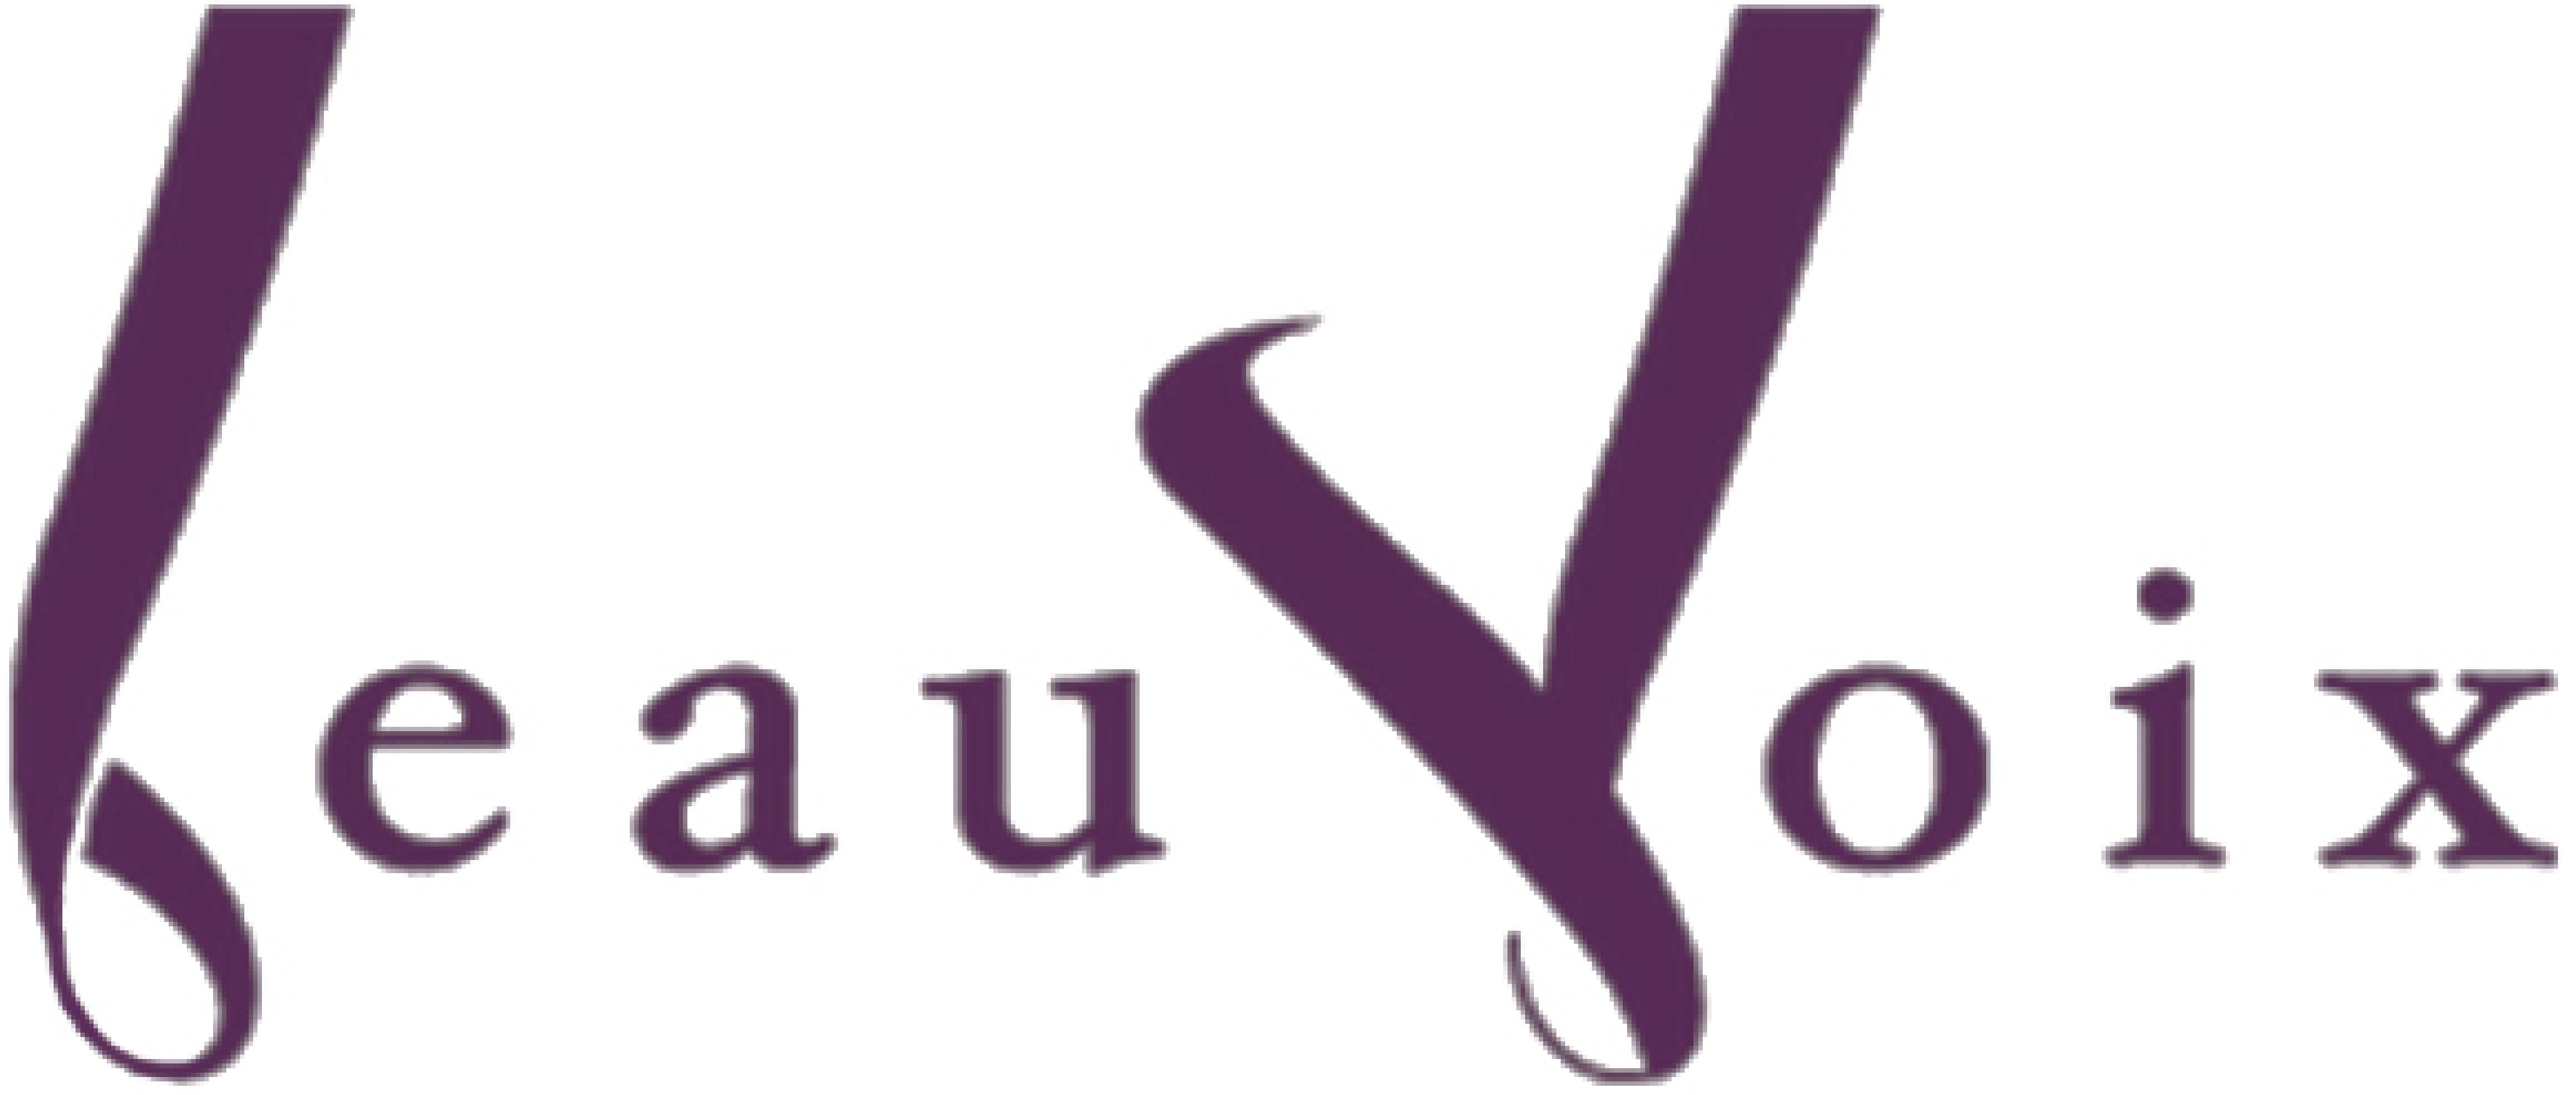 beauvoix logo